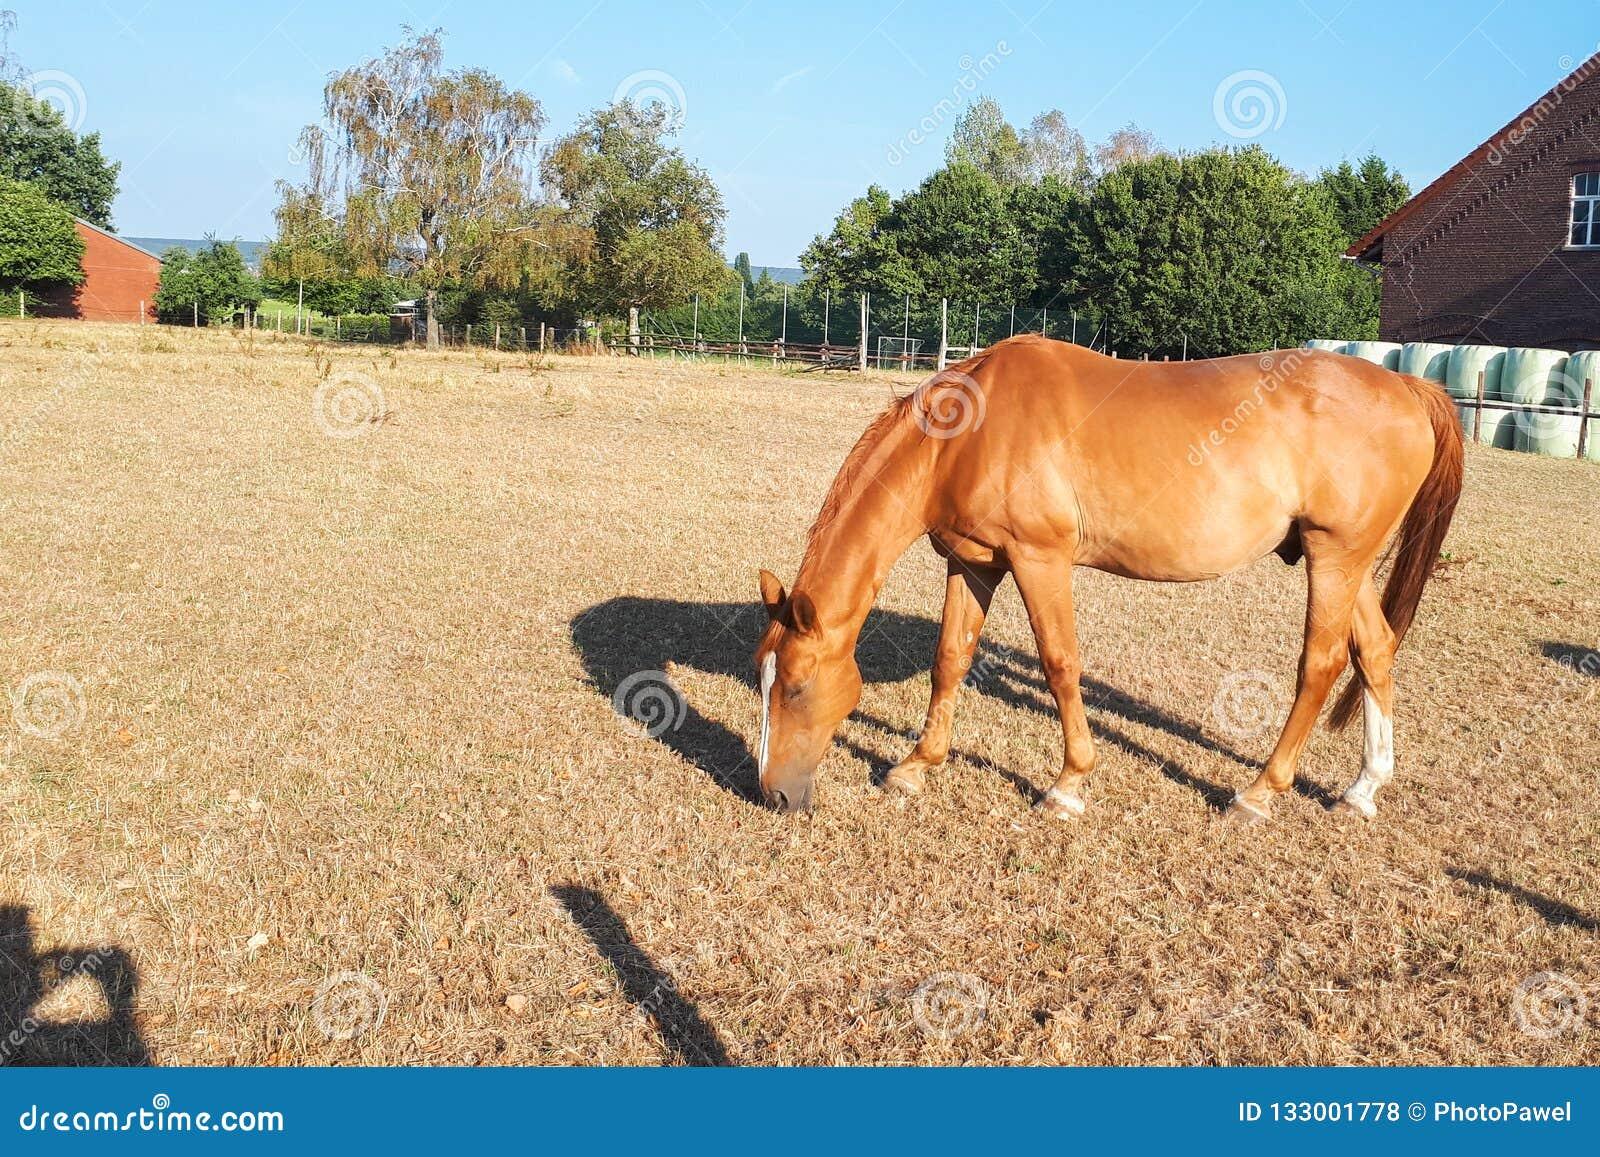 El caballo marrón claro pasta en un prado en una granja